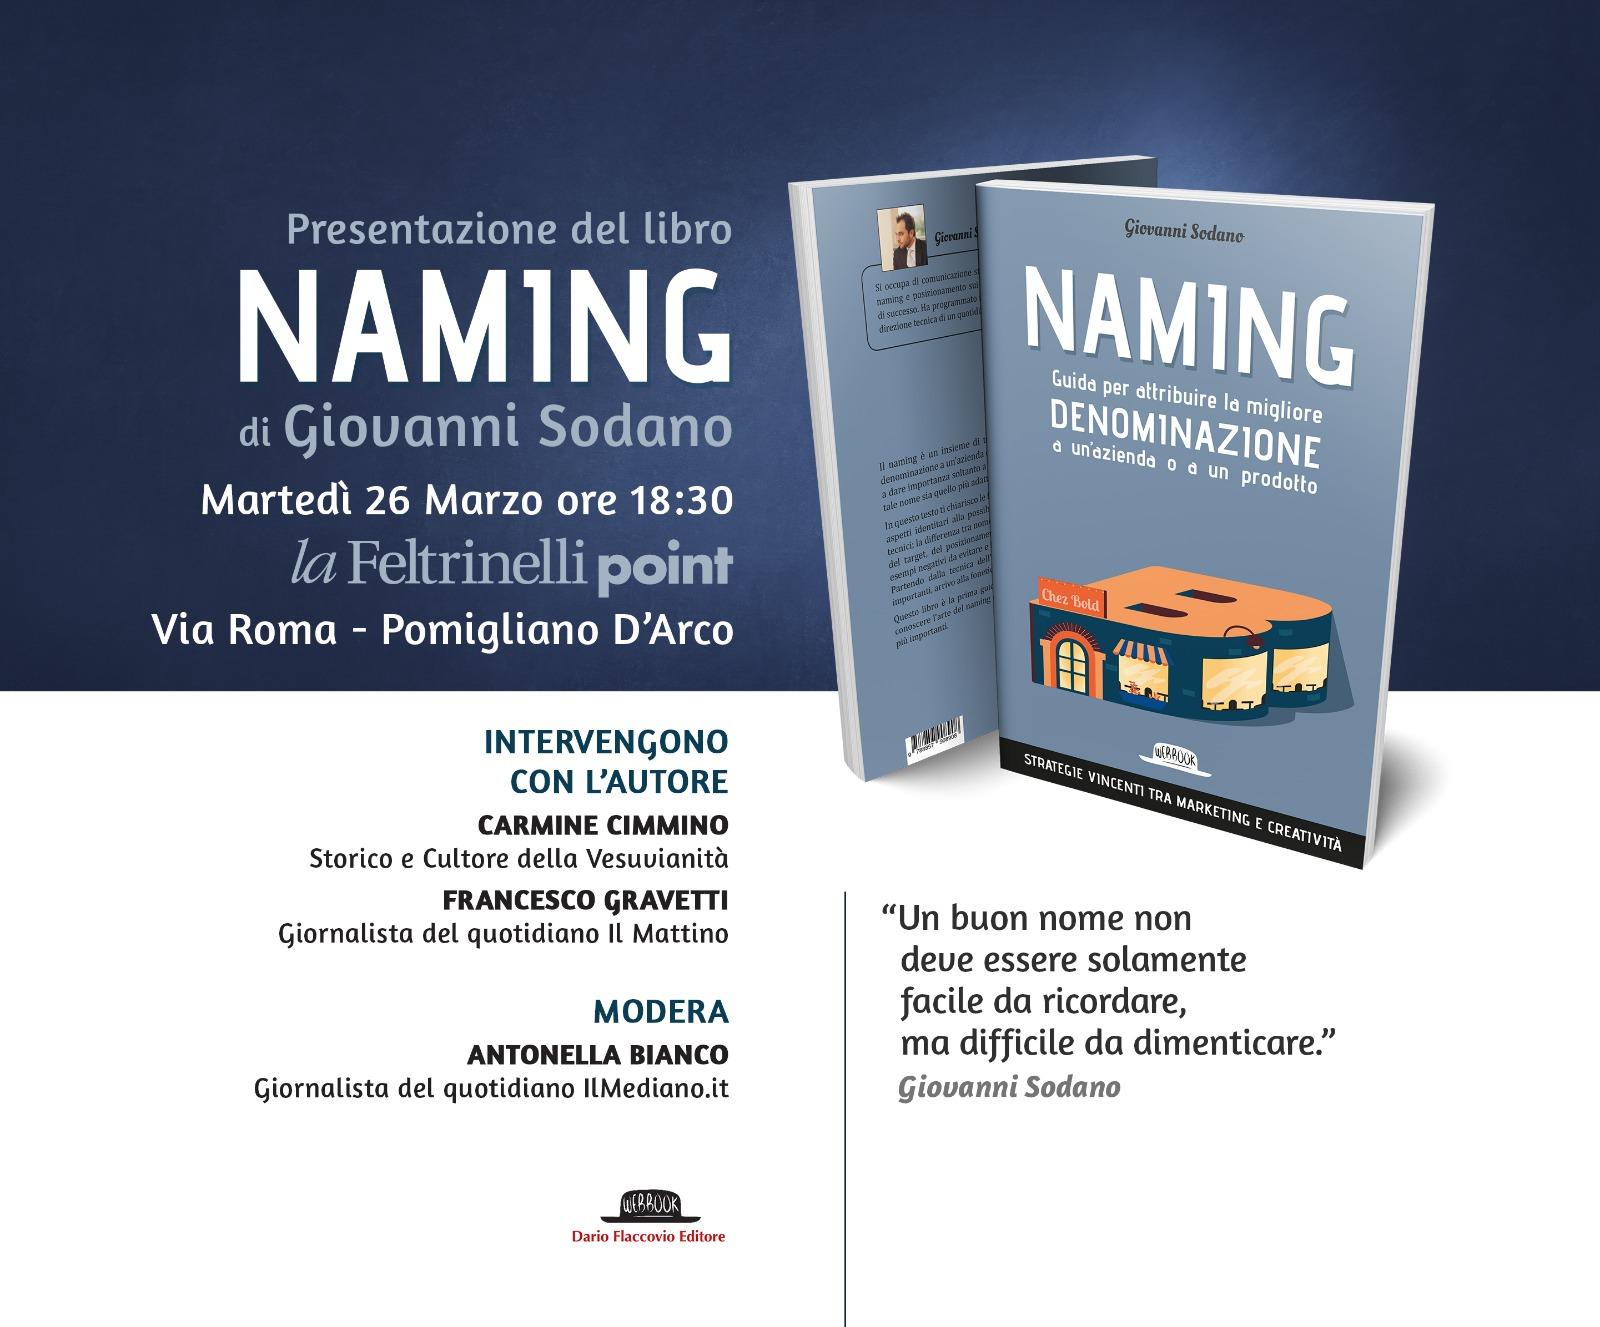 Naming presentazione